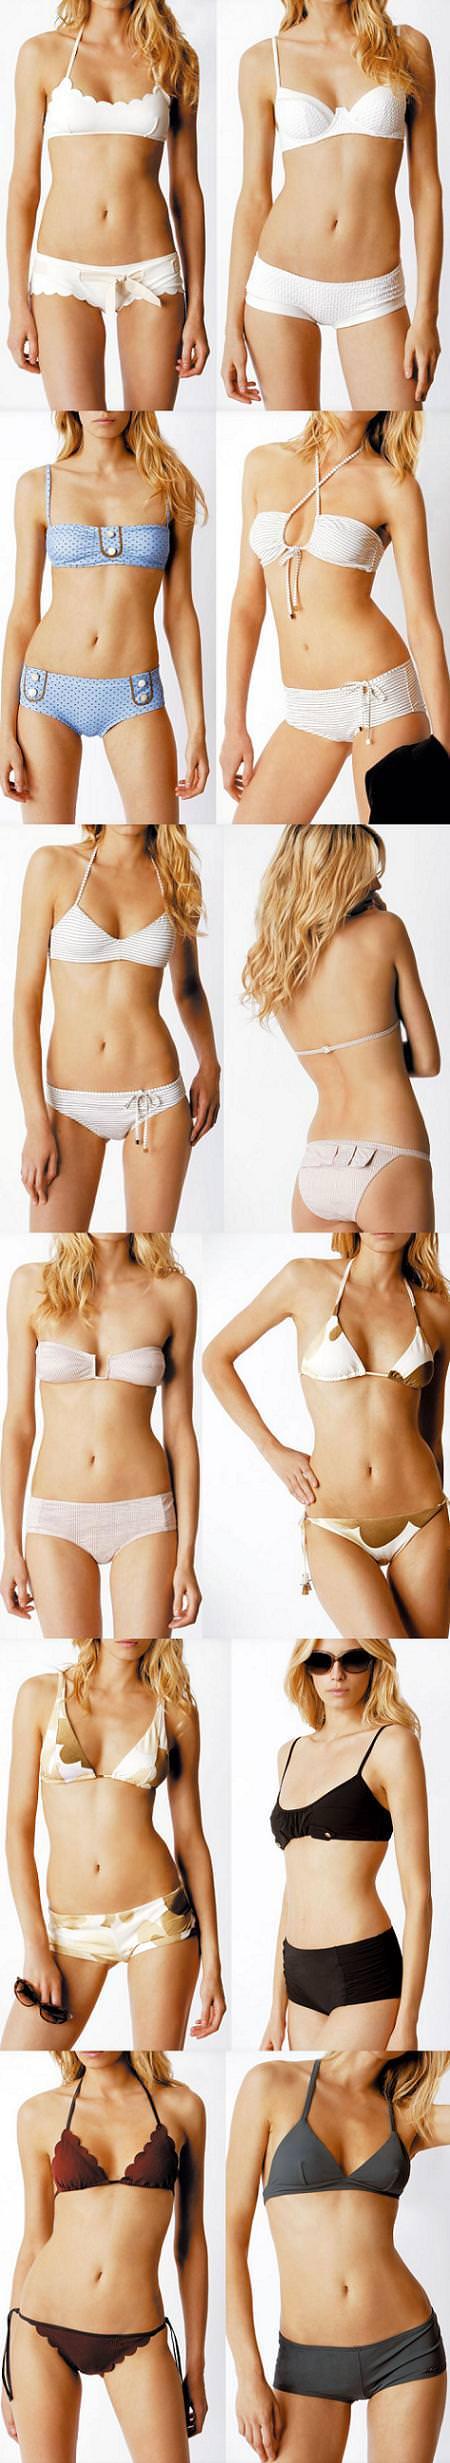 bikinis de Chloé, colección primavera verano 2009